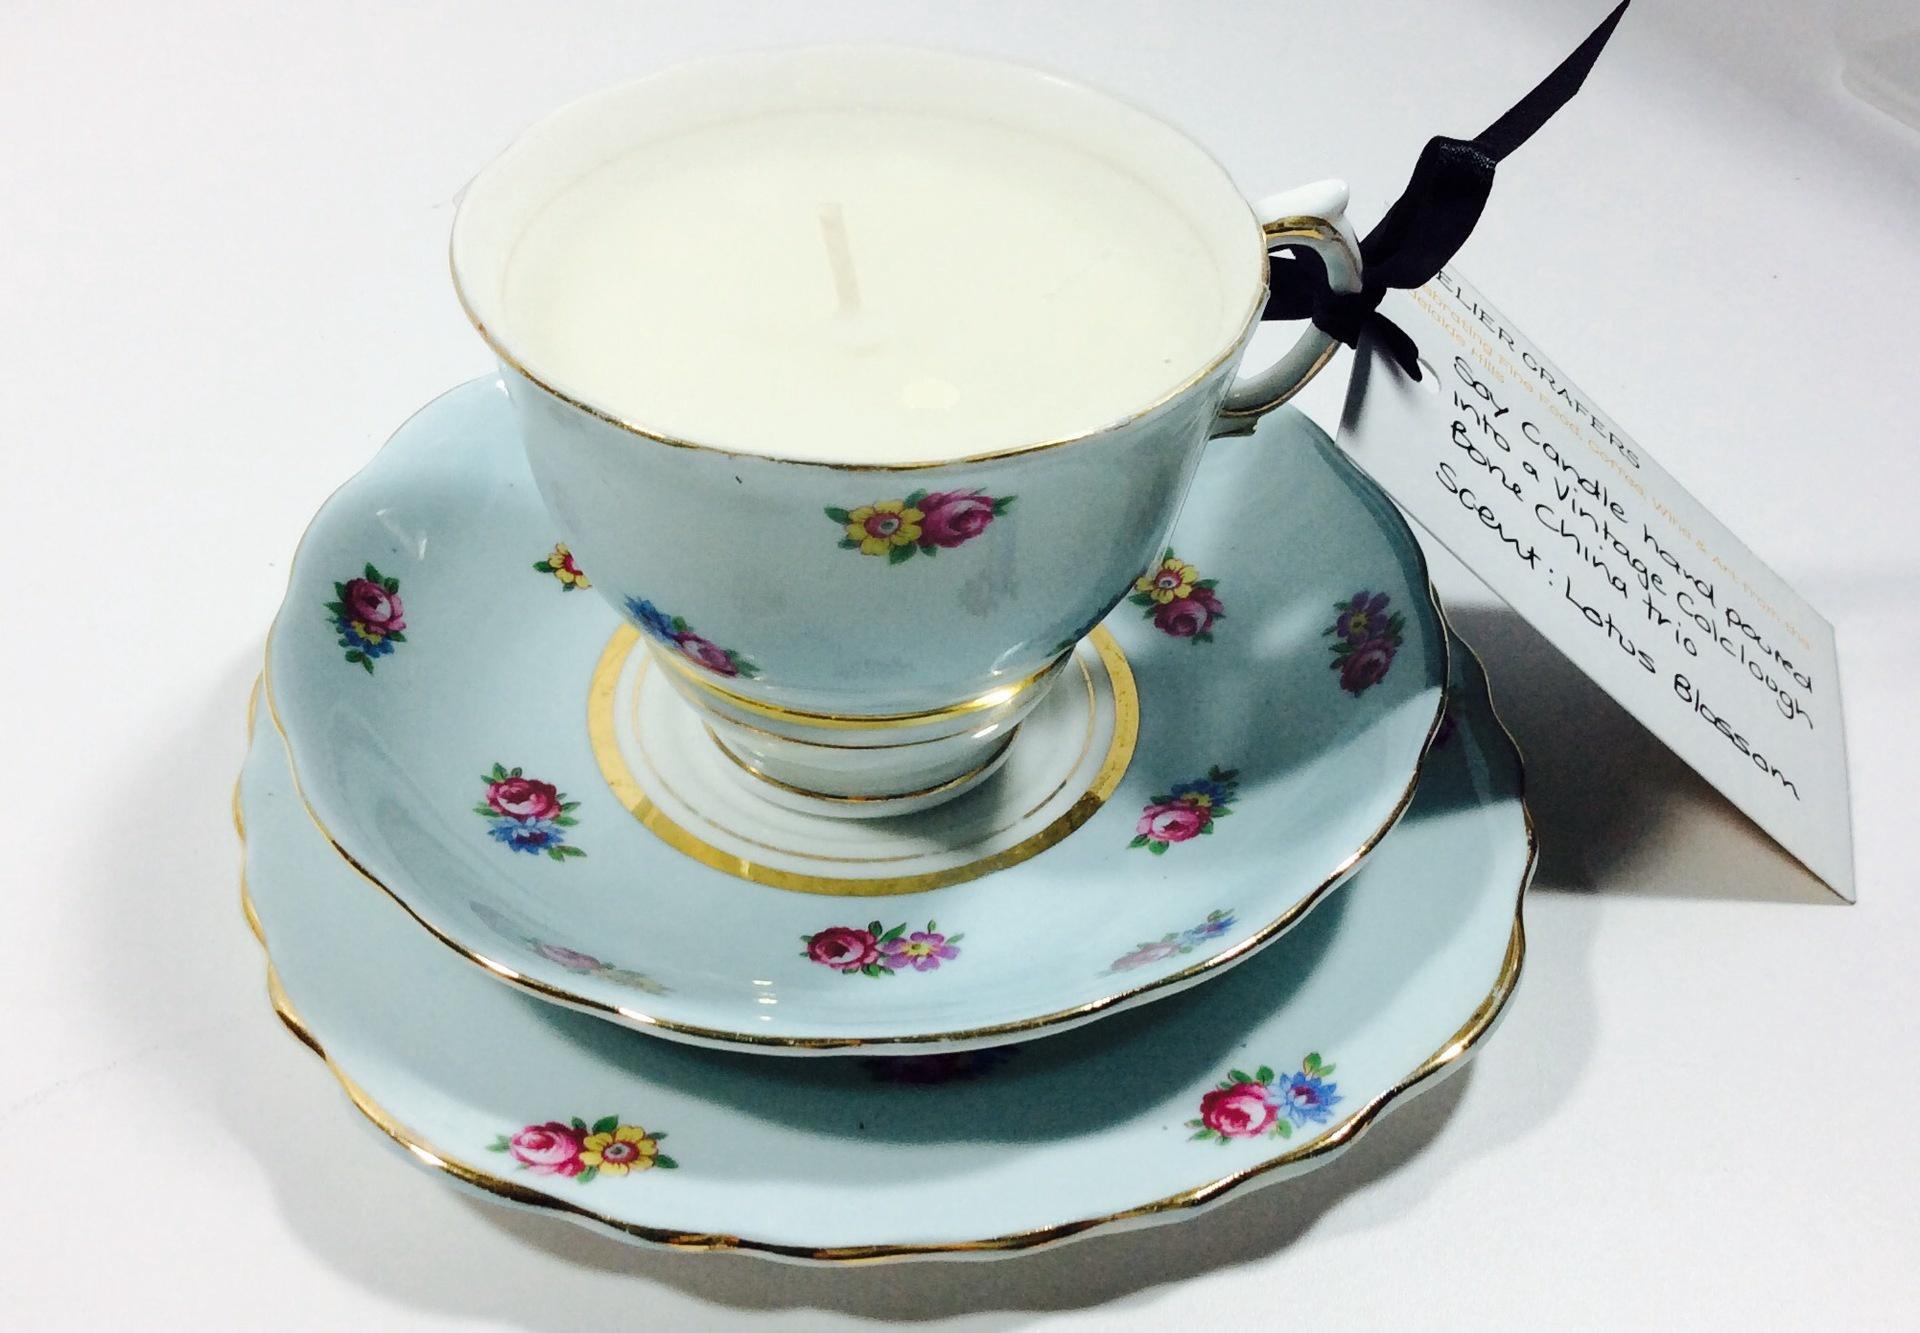 Vintage Tea Cup Candle - Colclough (1945-48, patter 6599) - Lotus Blossom